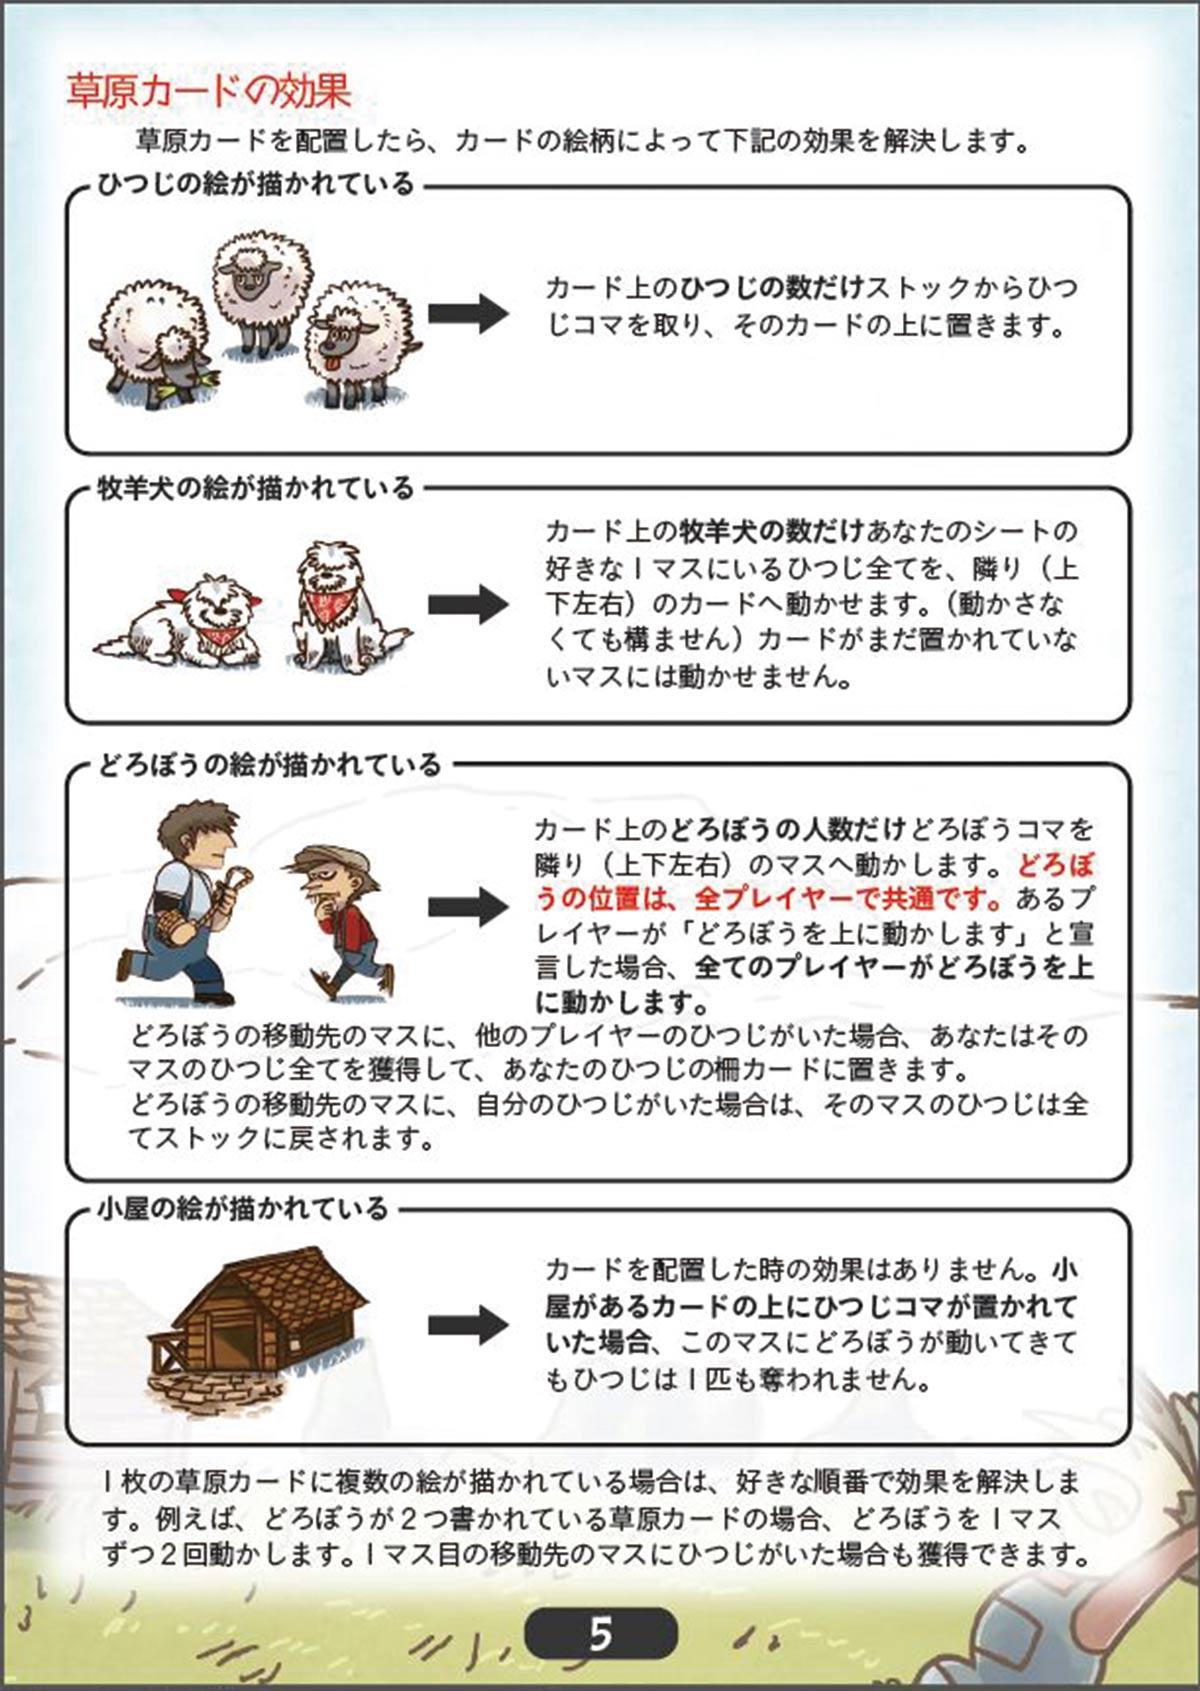 ひつじとどろぼう5